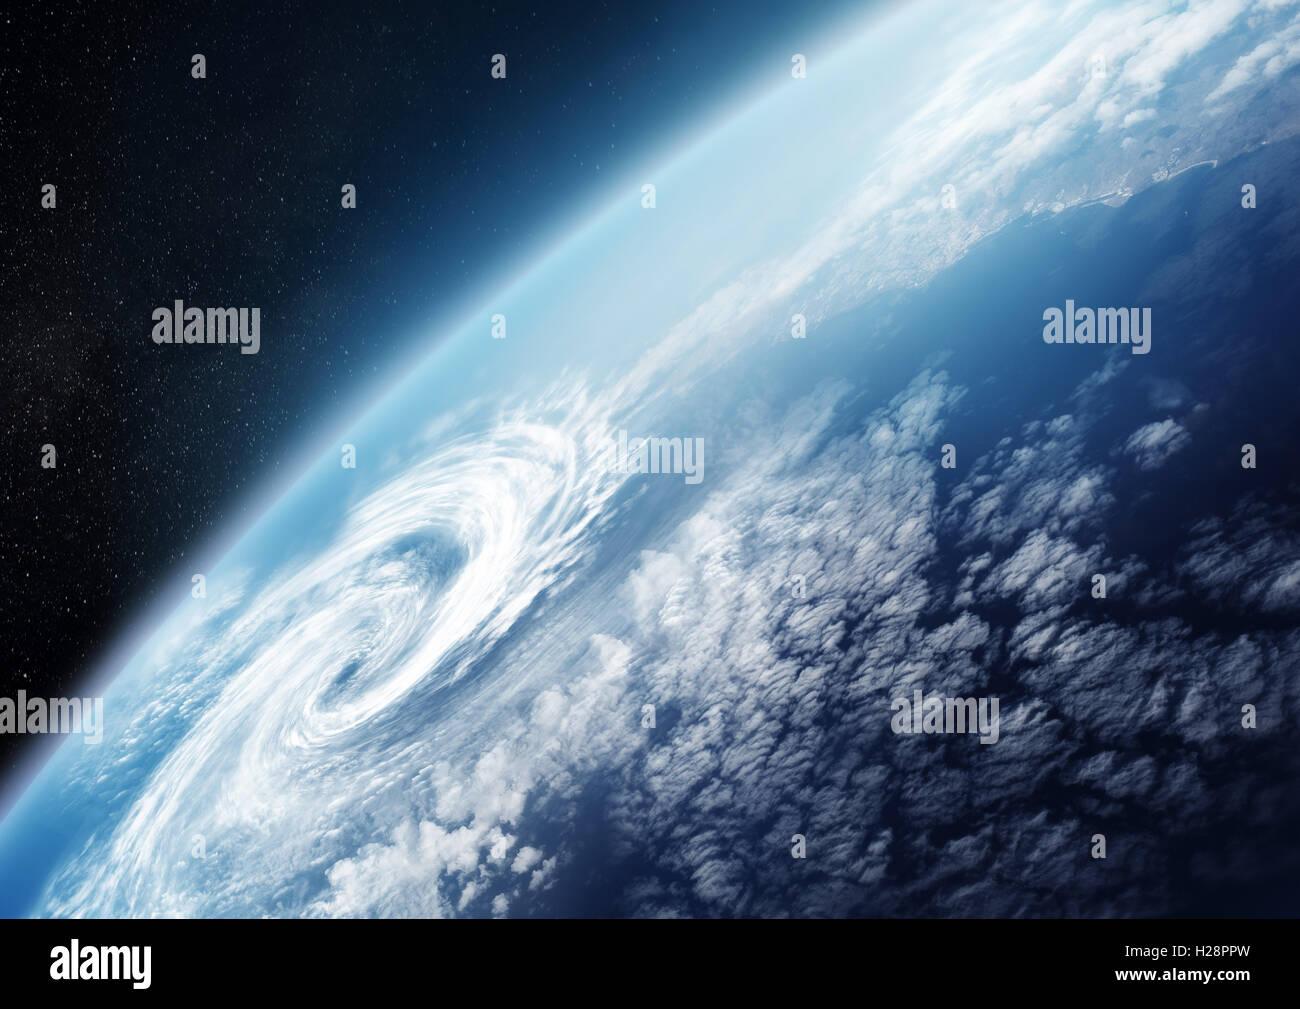 Planetenerde aus dem Weltraum hautnah mit Wolkenformationen. Illustration - keine NASA-Bilder verwendet. Stockfoto